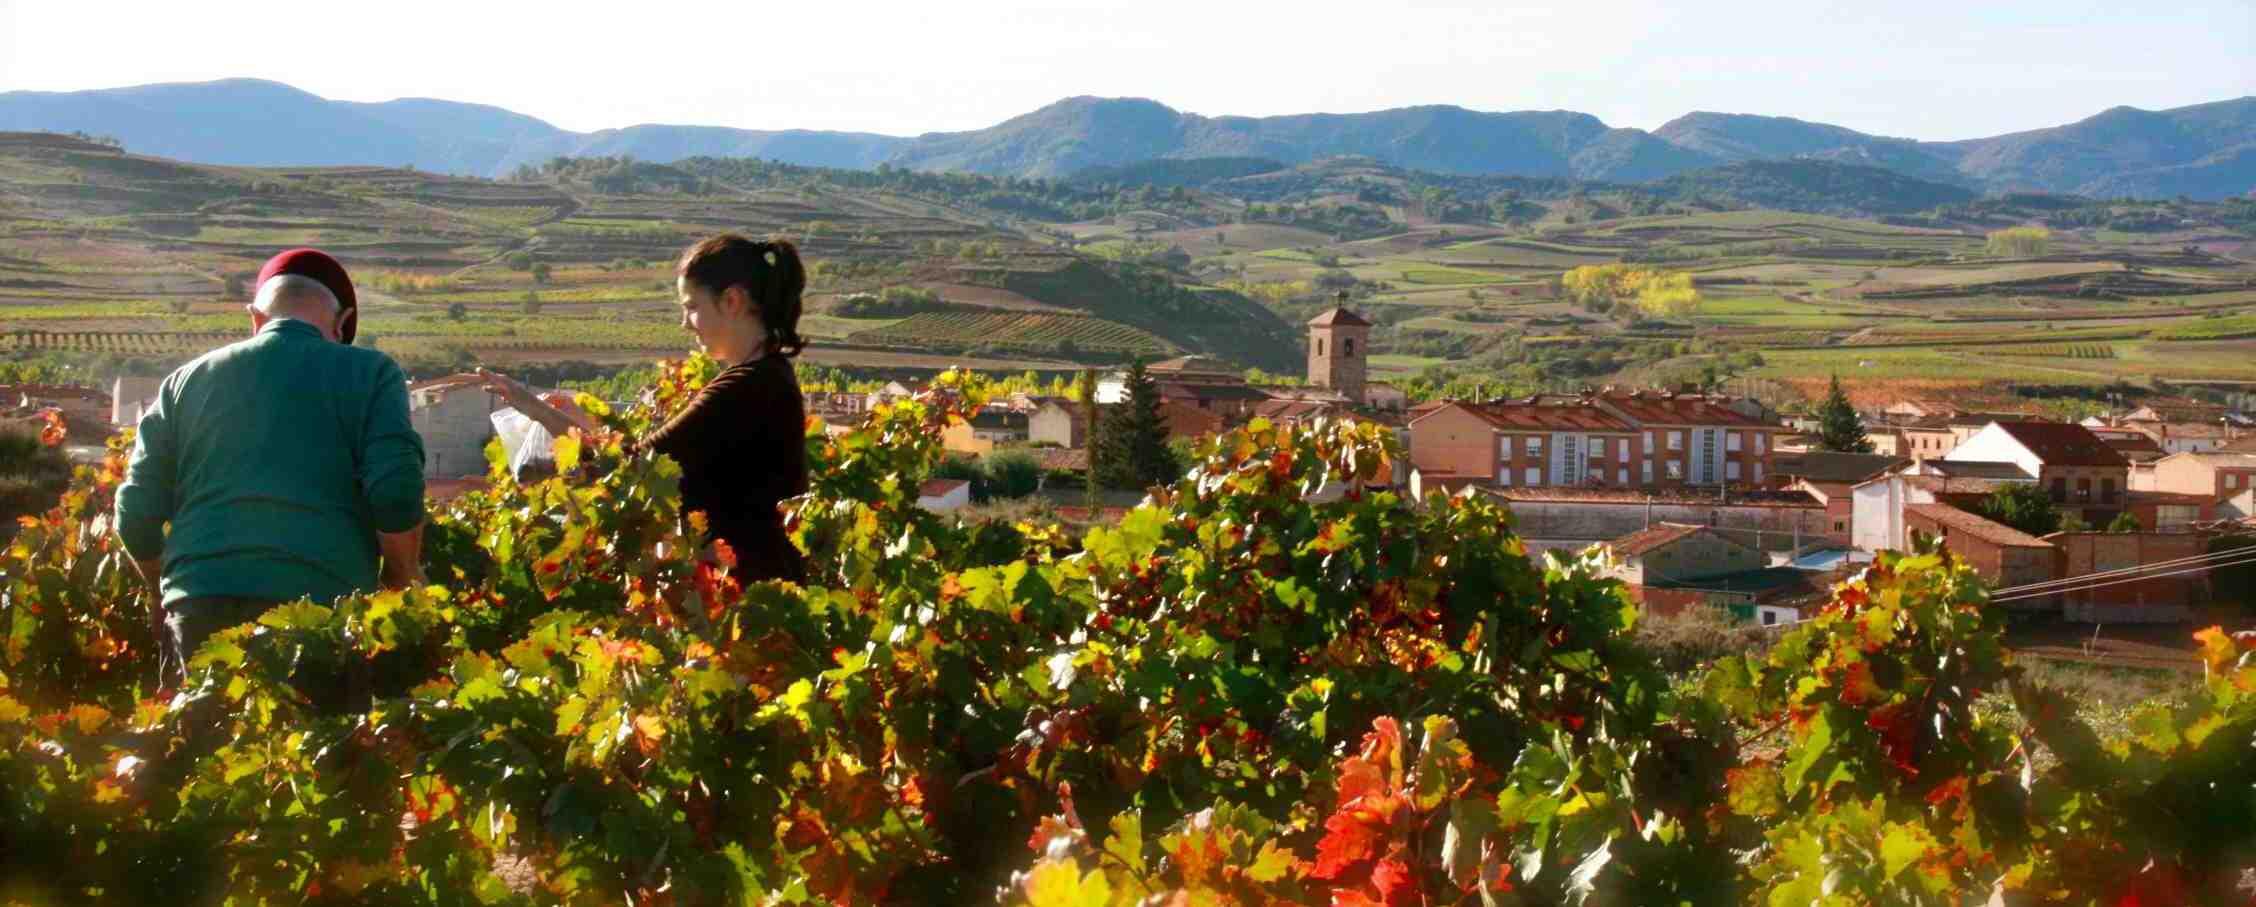 Basque Rioja Wine region - Die Oase der Weingötter